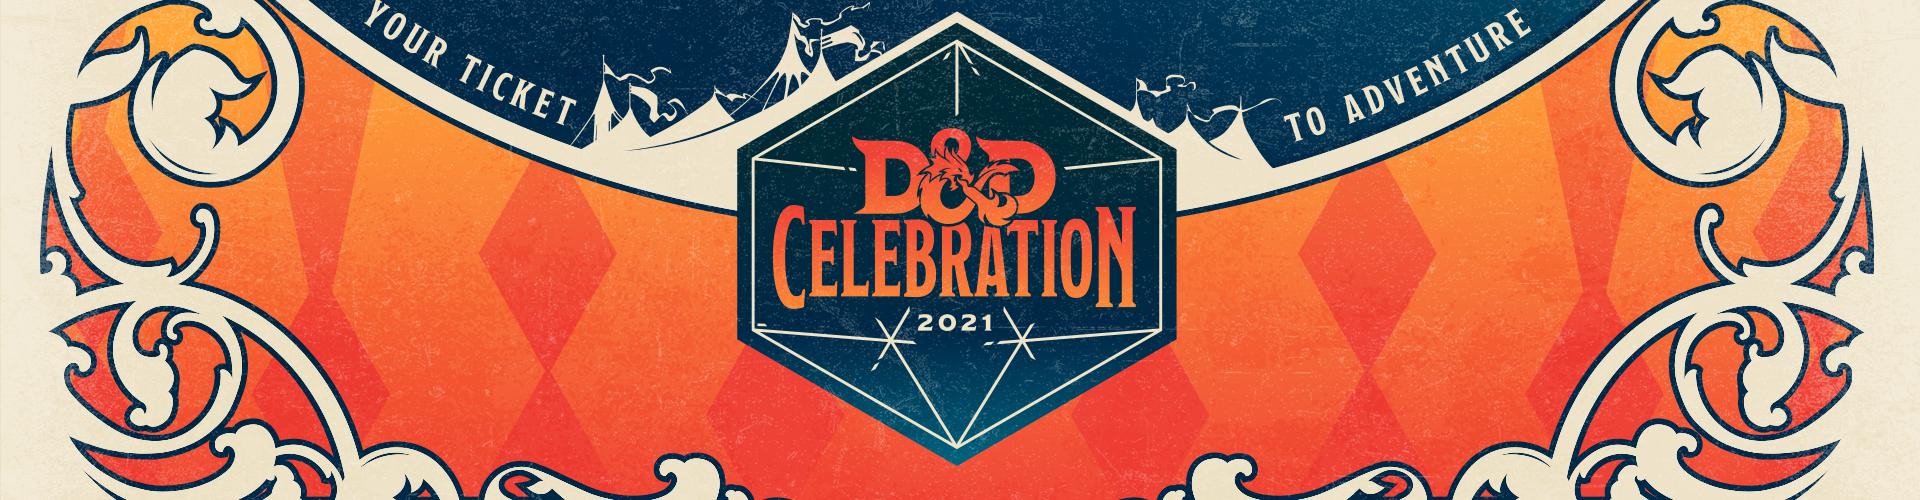 D&D Celebration 2021